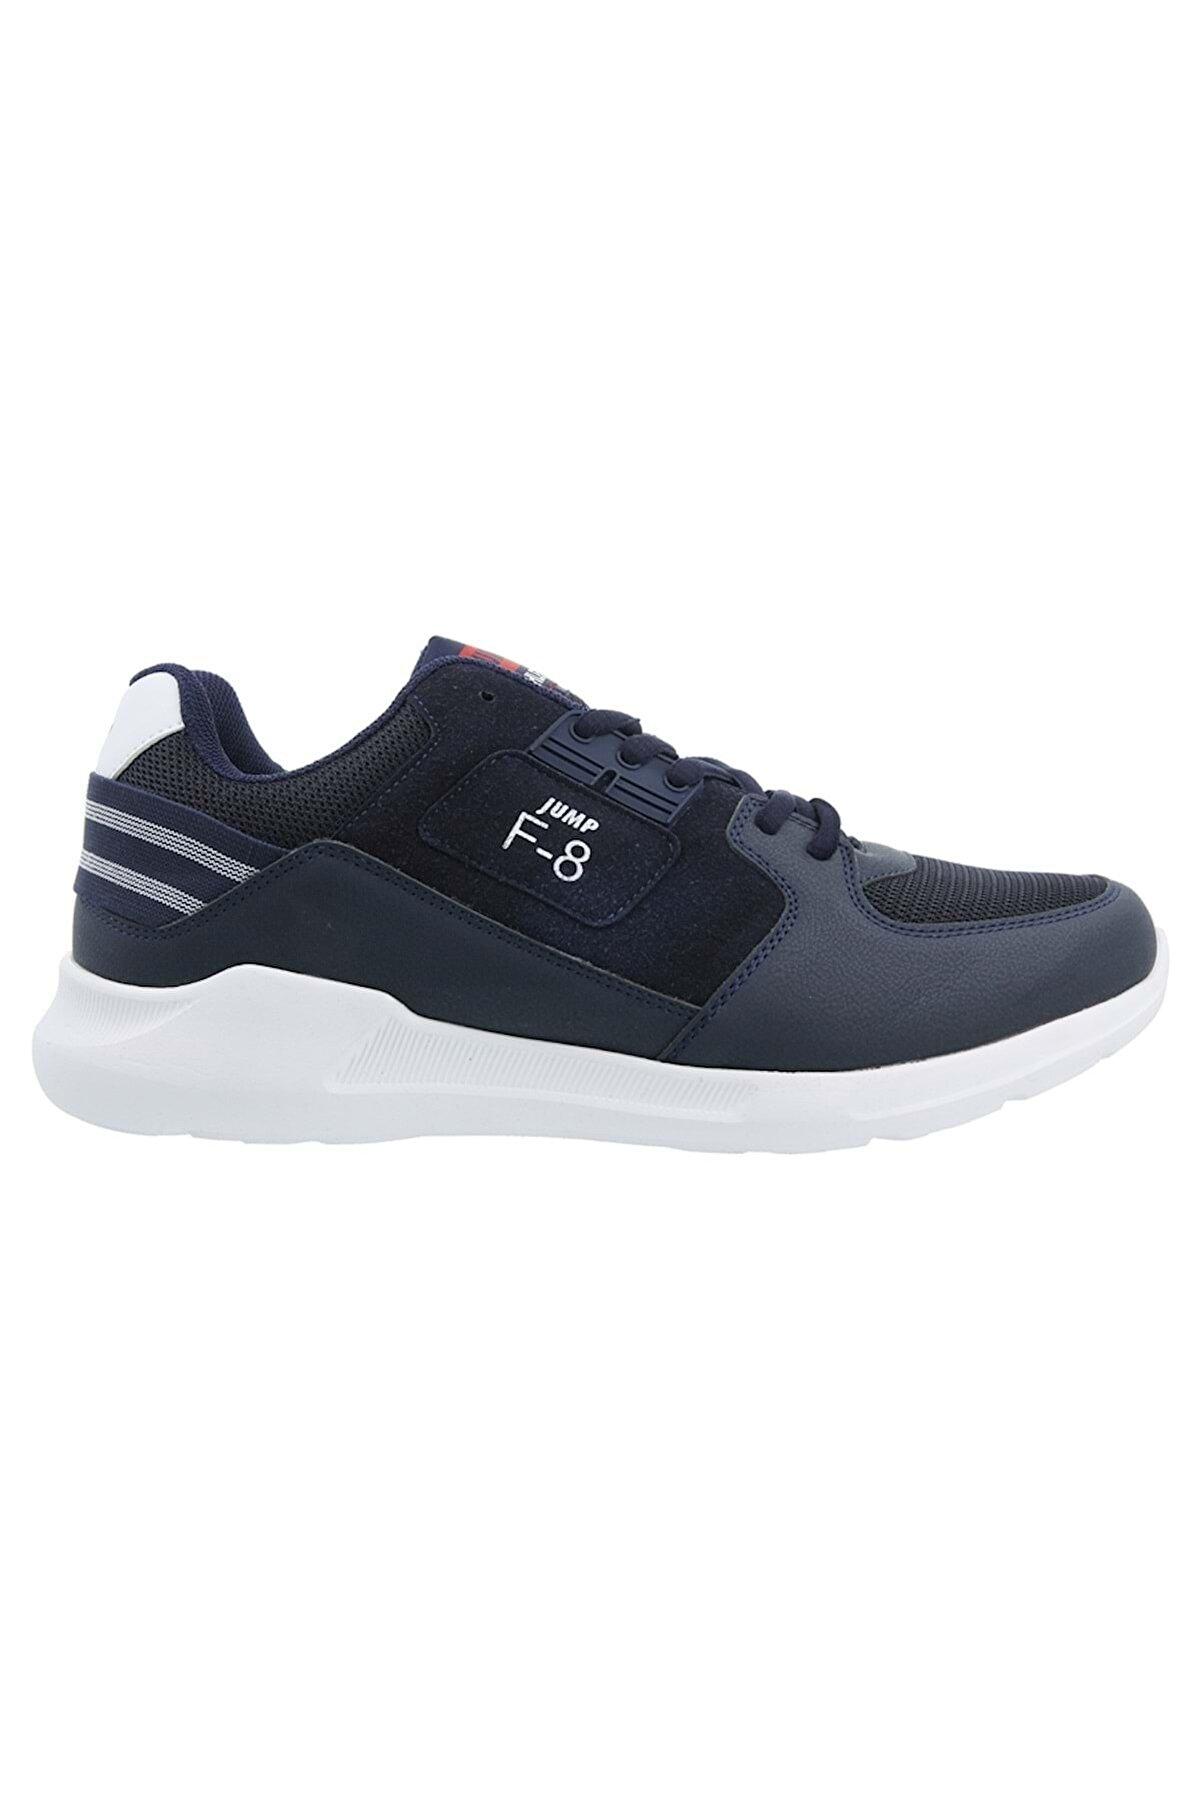 Jump 21159 Unisex Spor Ayakkabı - Lcivert-beyaz - 38